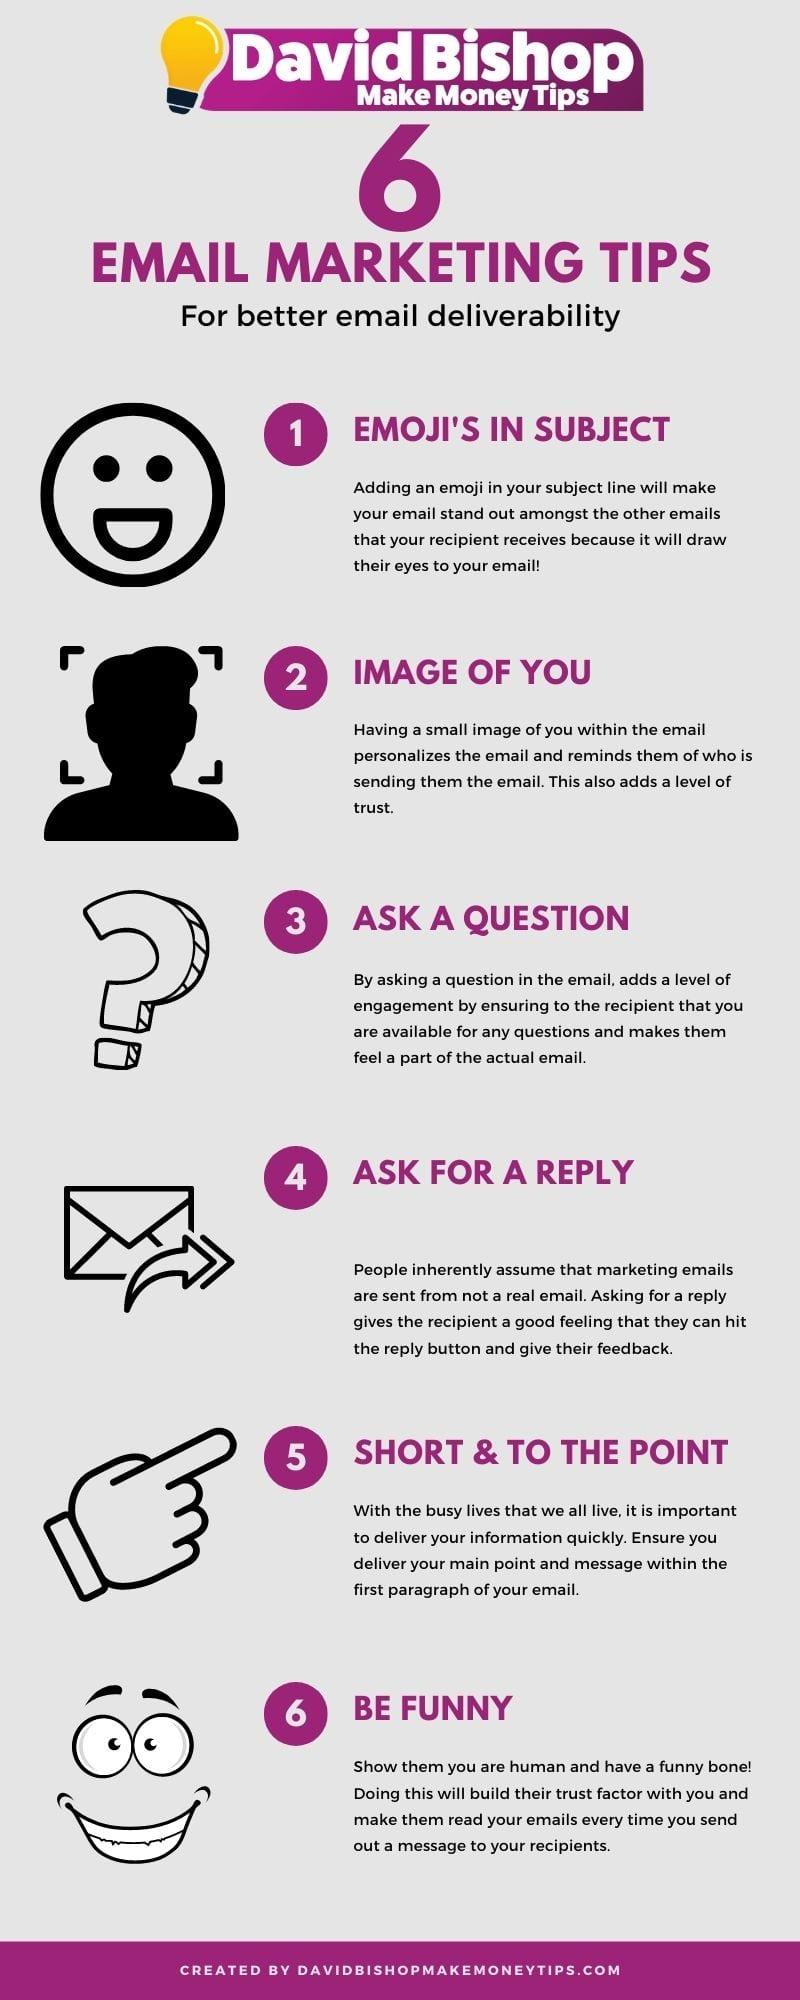 David Bishop 6 Email Marketing Tips